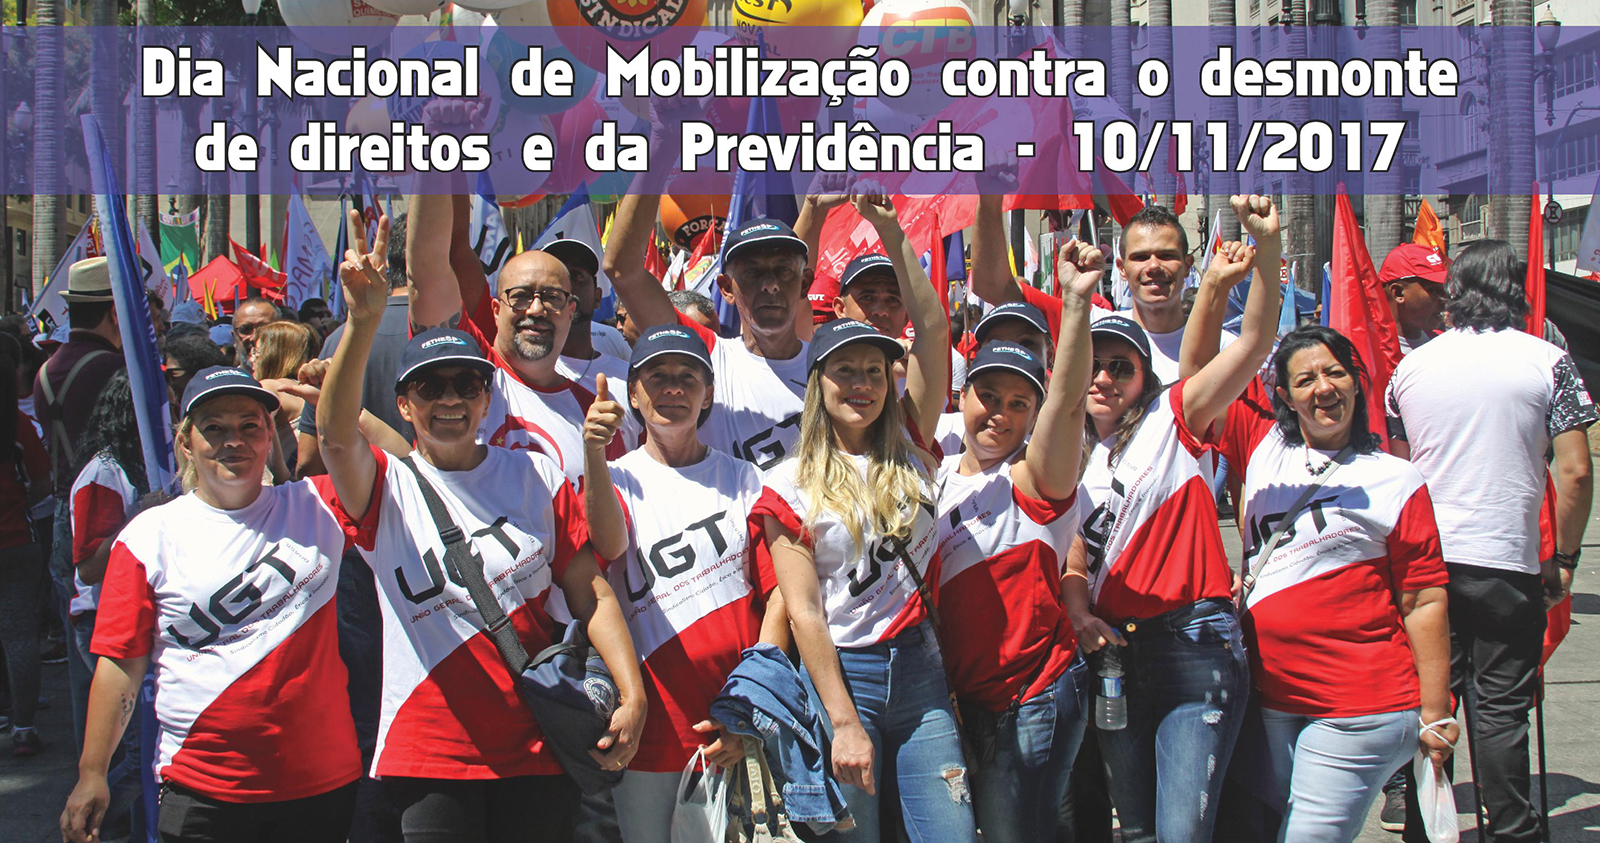 Dia Nacional de Mobilização contra o desmonte de direitos